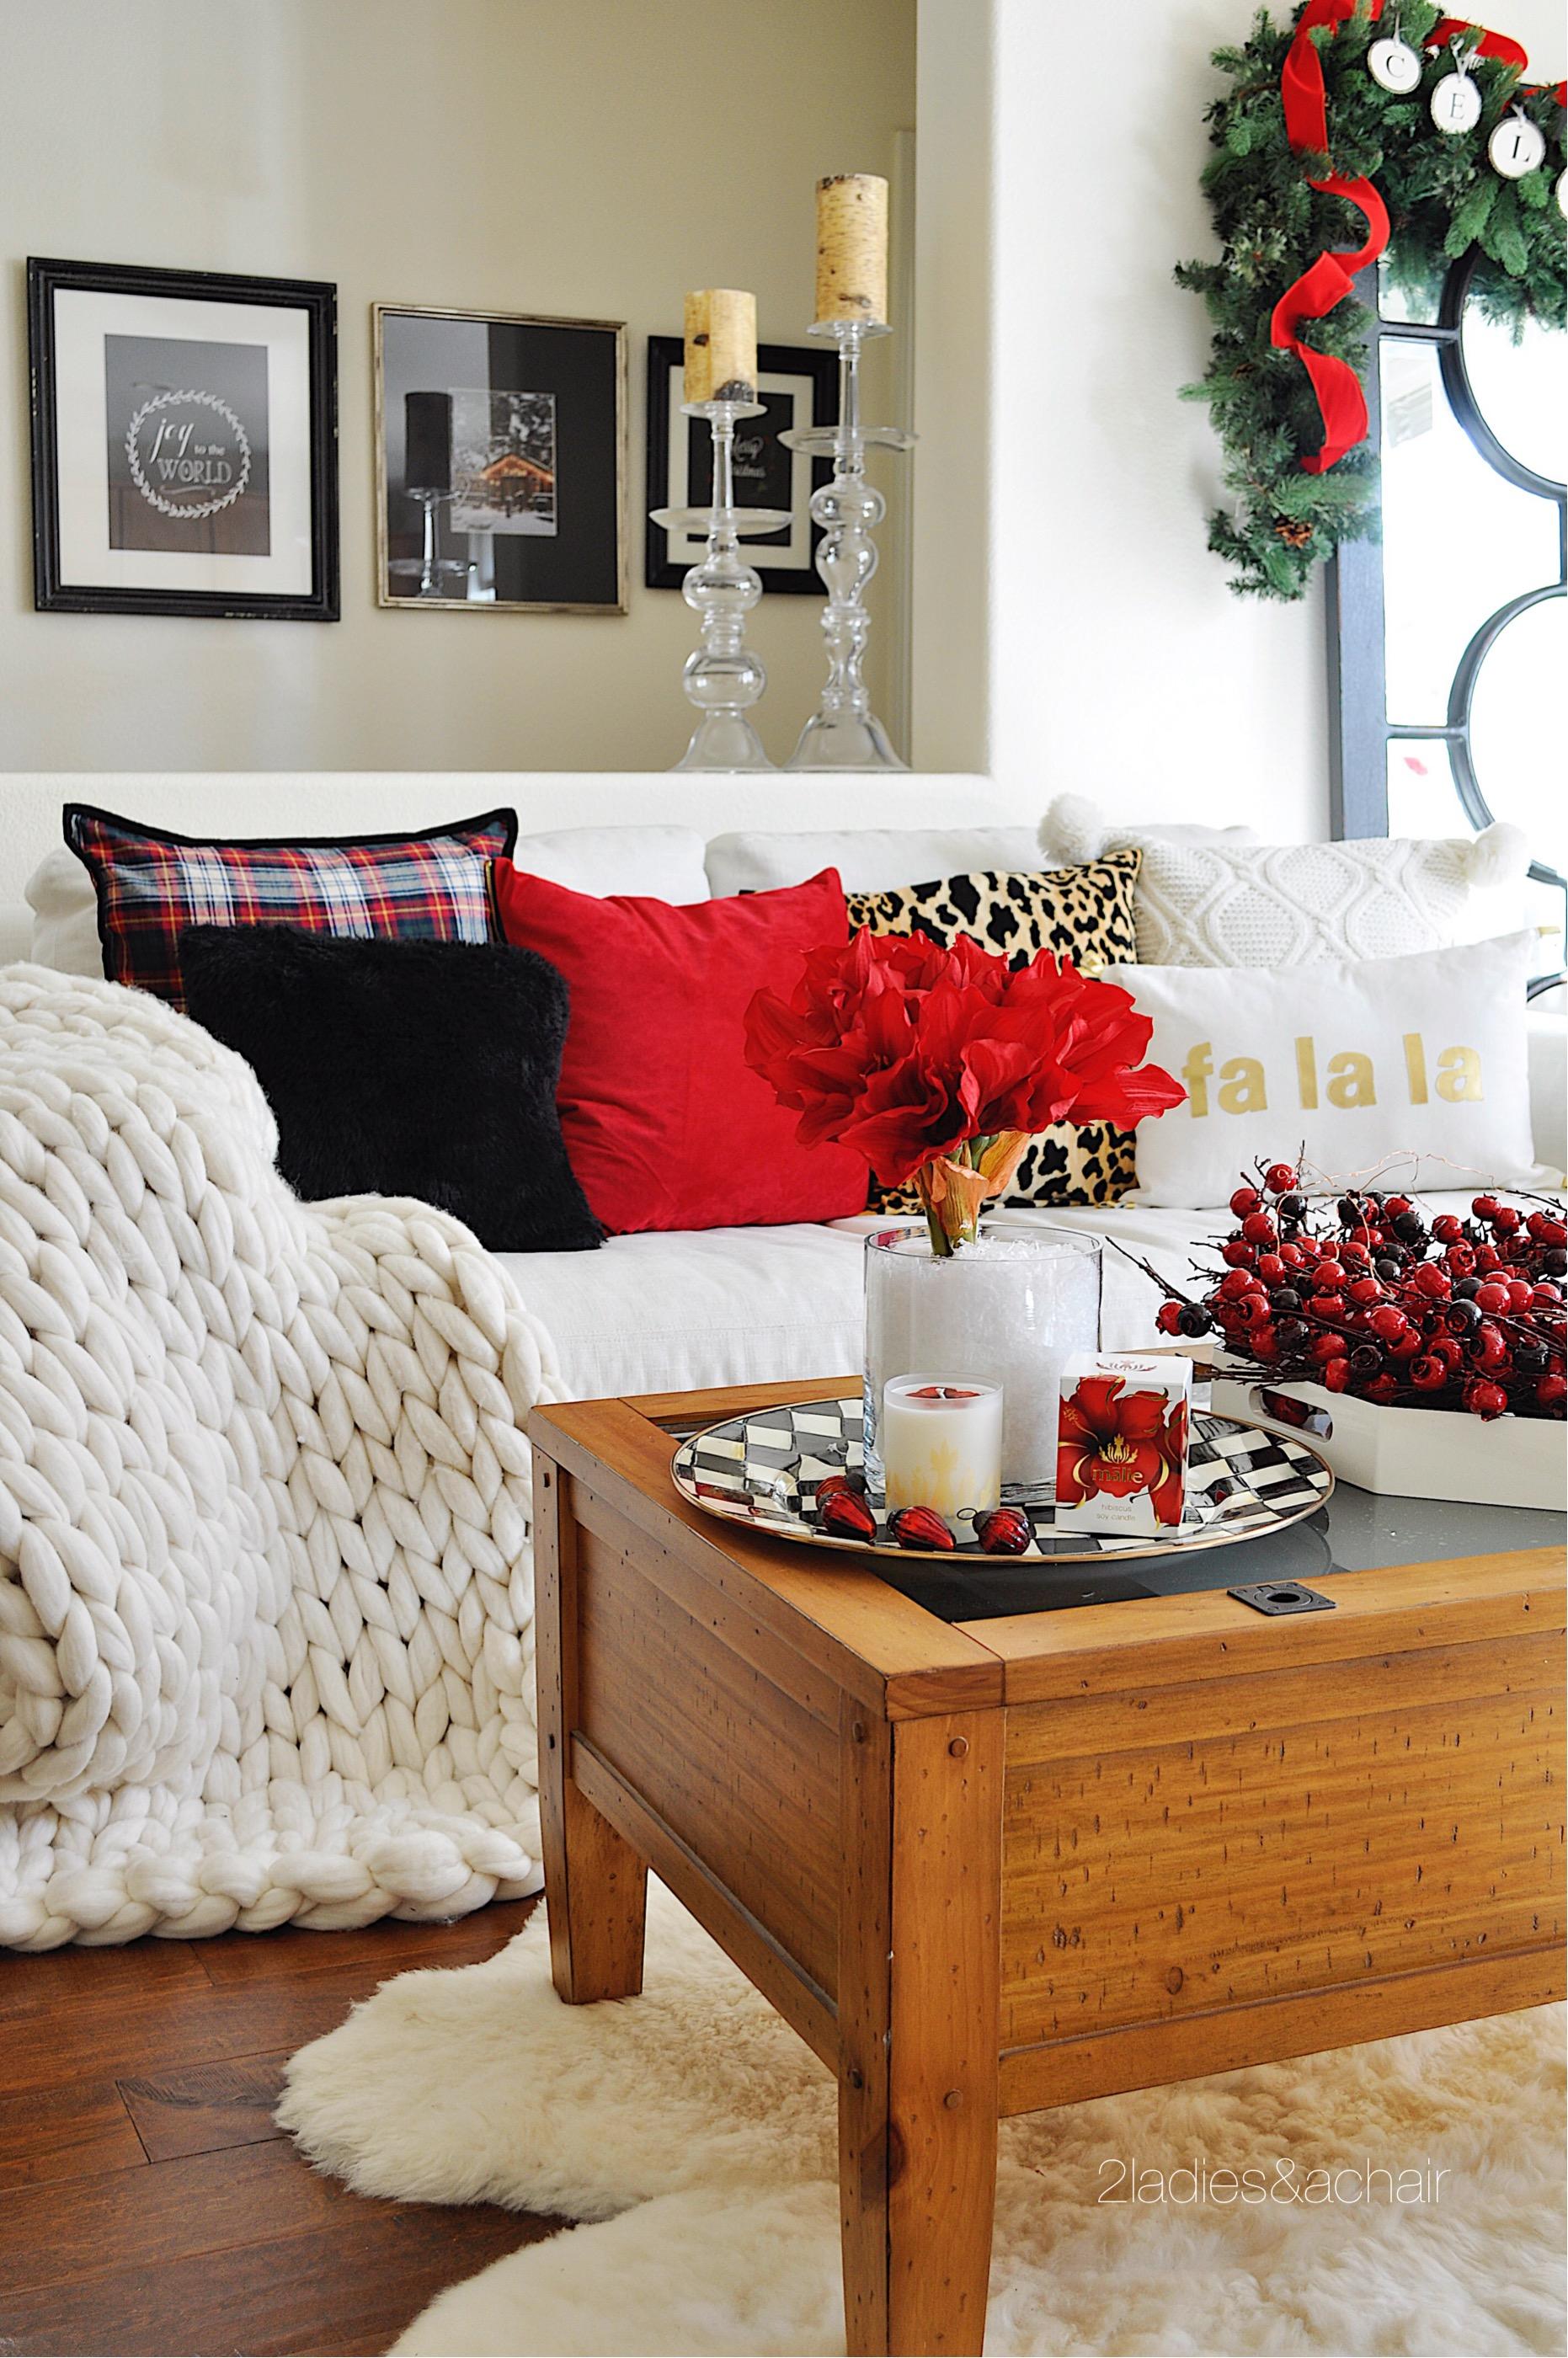 christmas home decorating IMG_8635.JPG